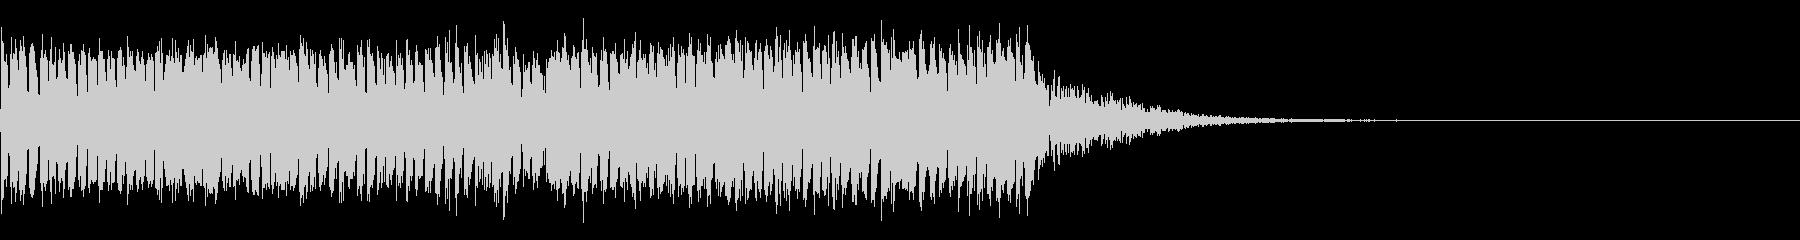 スパーク音-04の未再生の波形